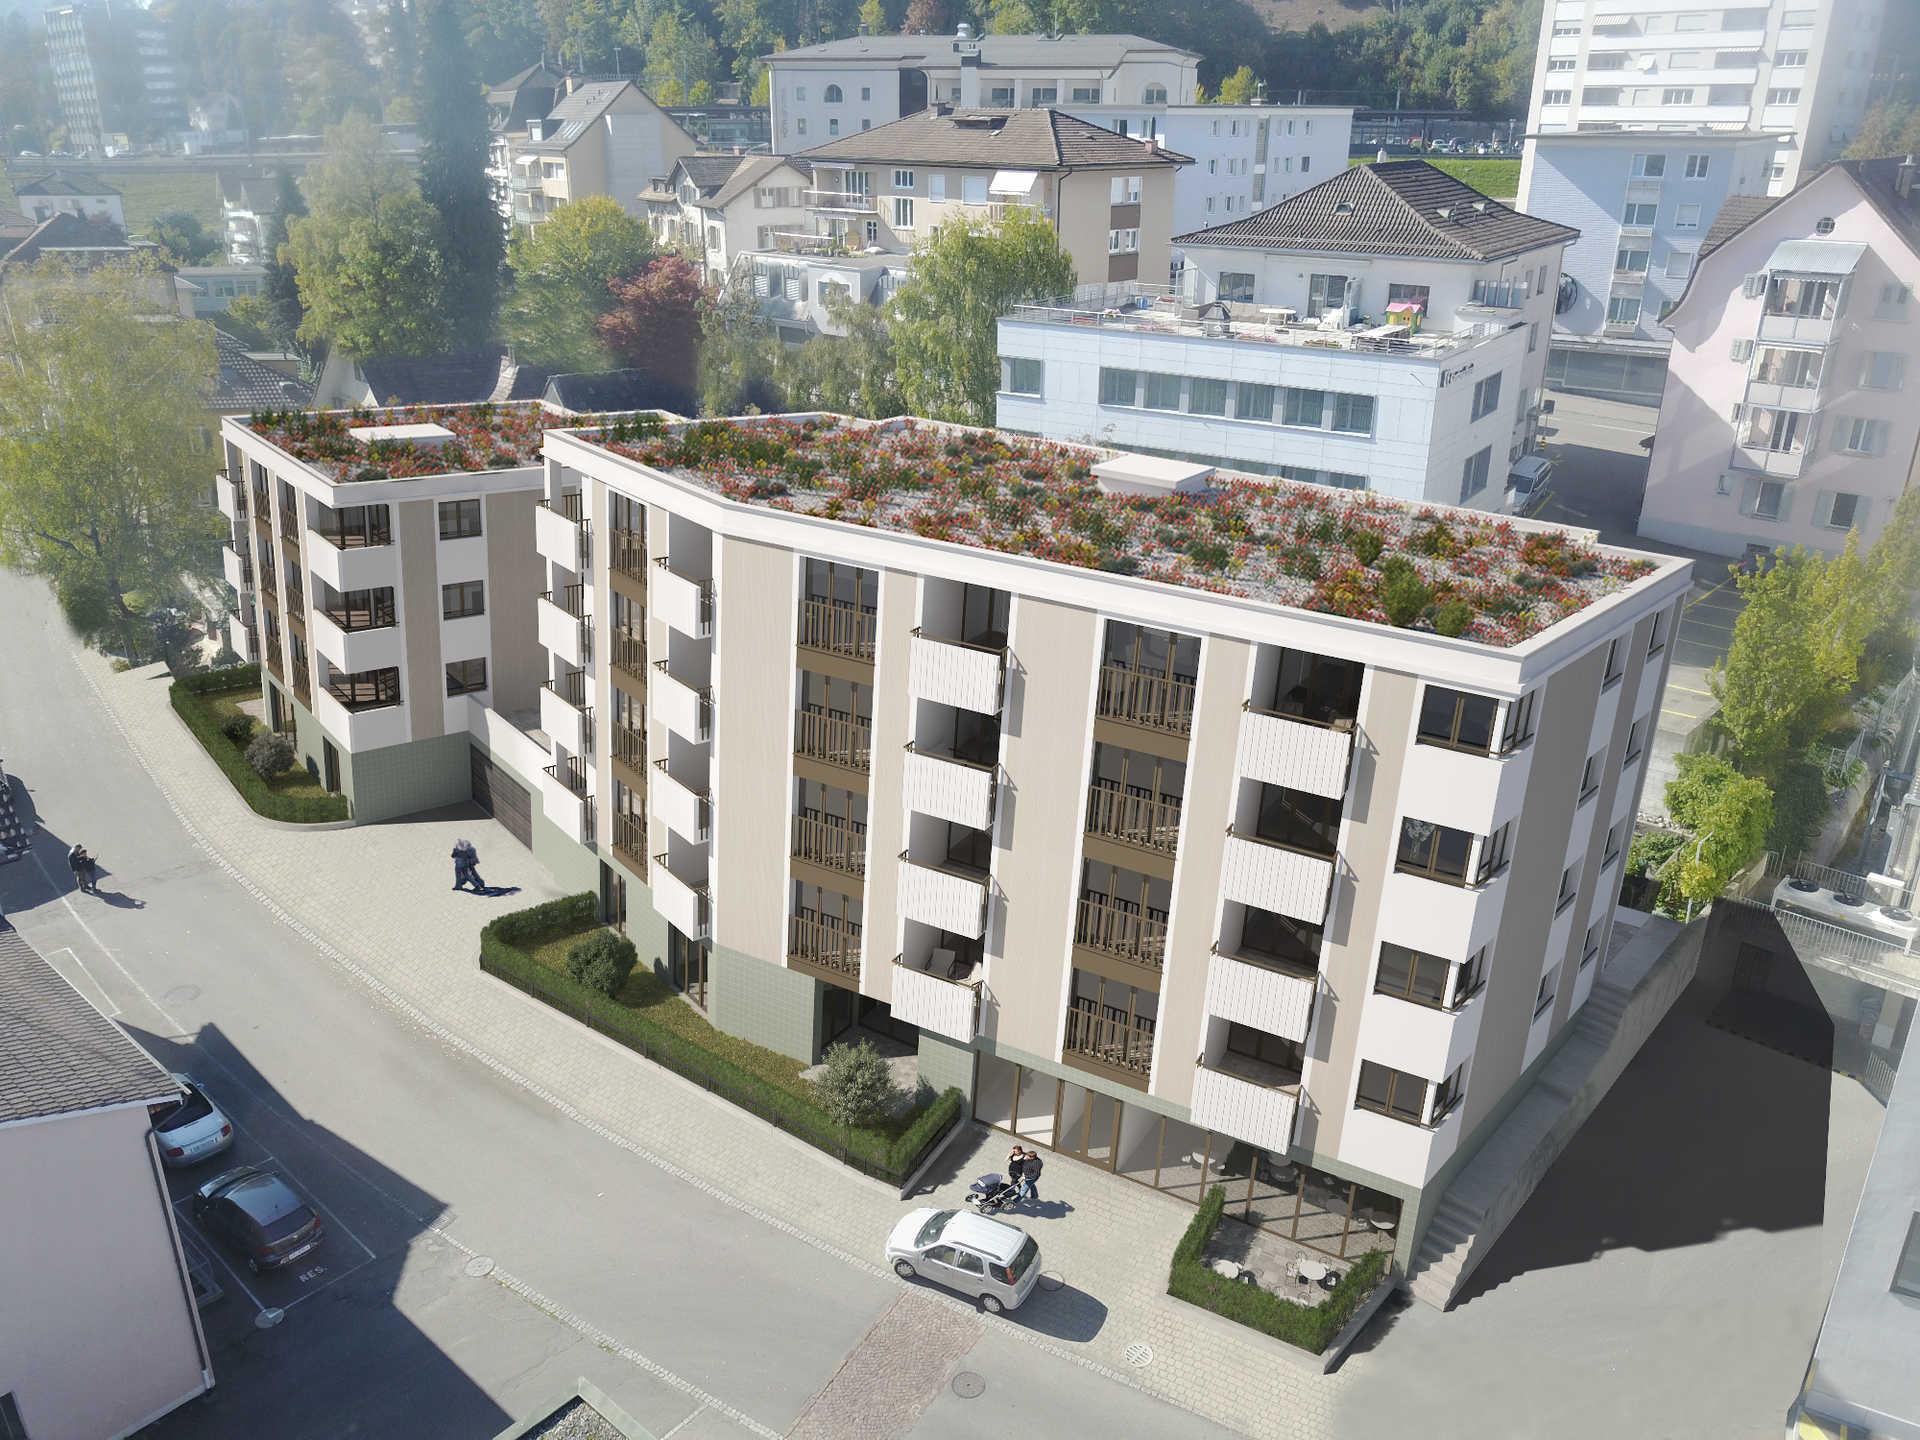 Neubau Konsumstrasse Uzwil SG   35 Wohnungen   Belano